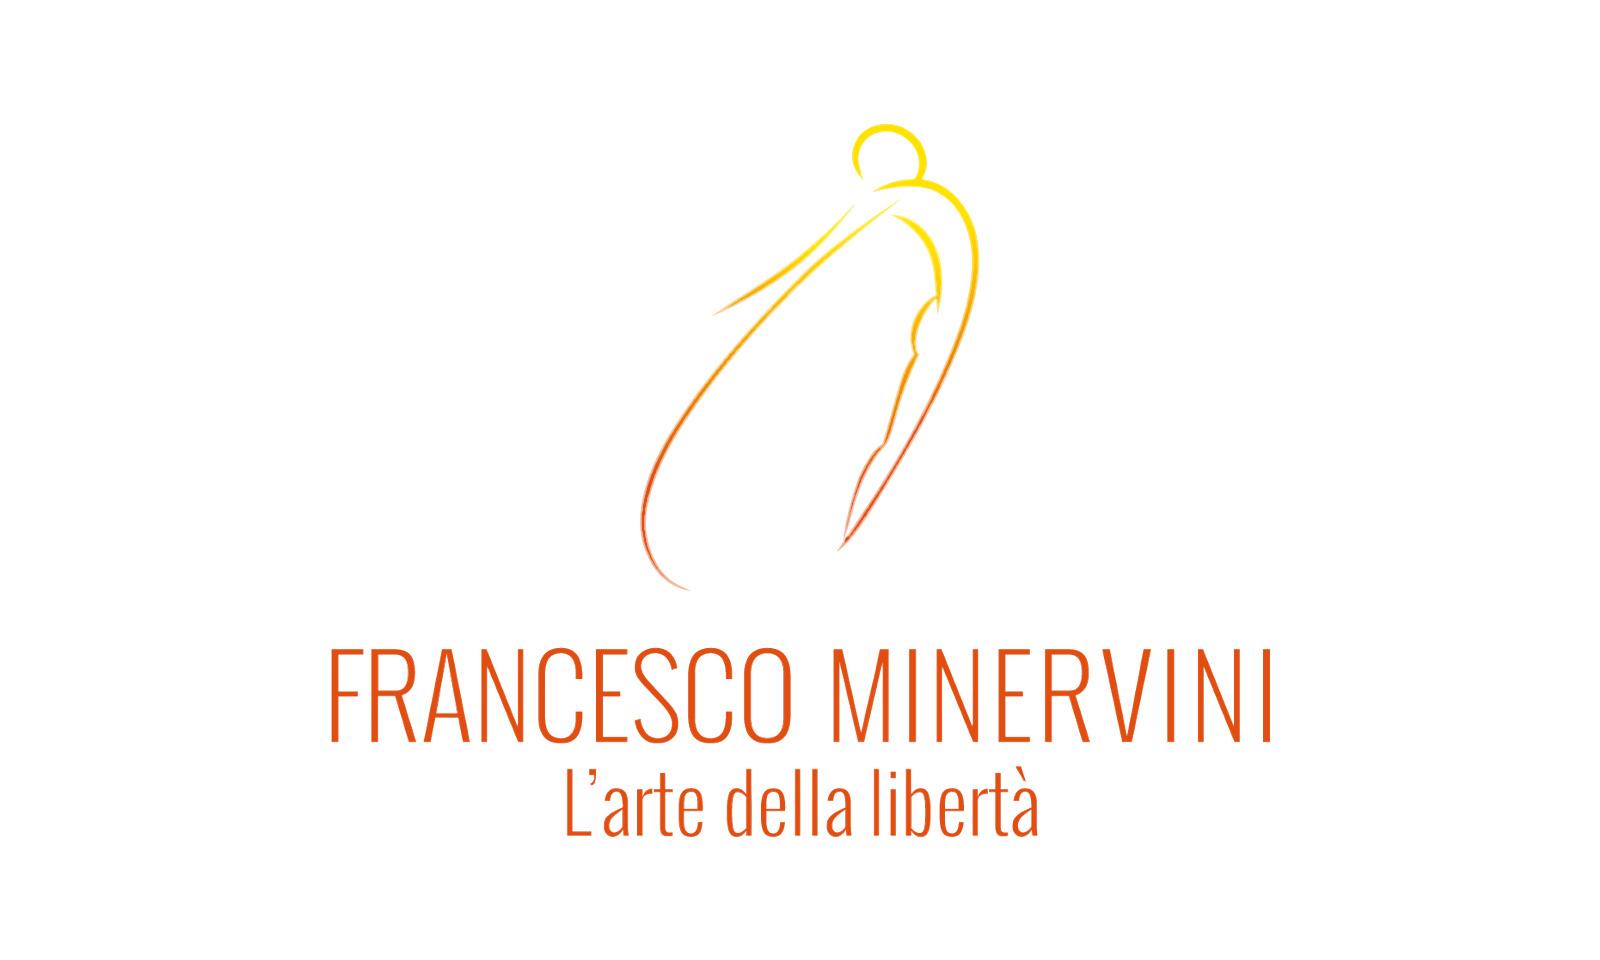 francesco-minervini-branding-logo-coach.jpg